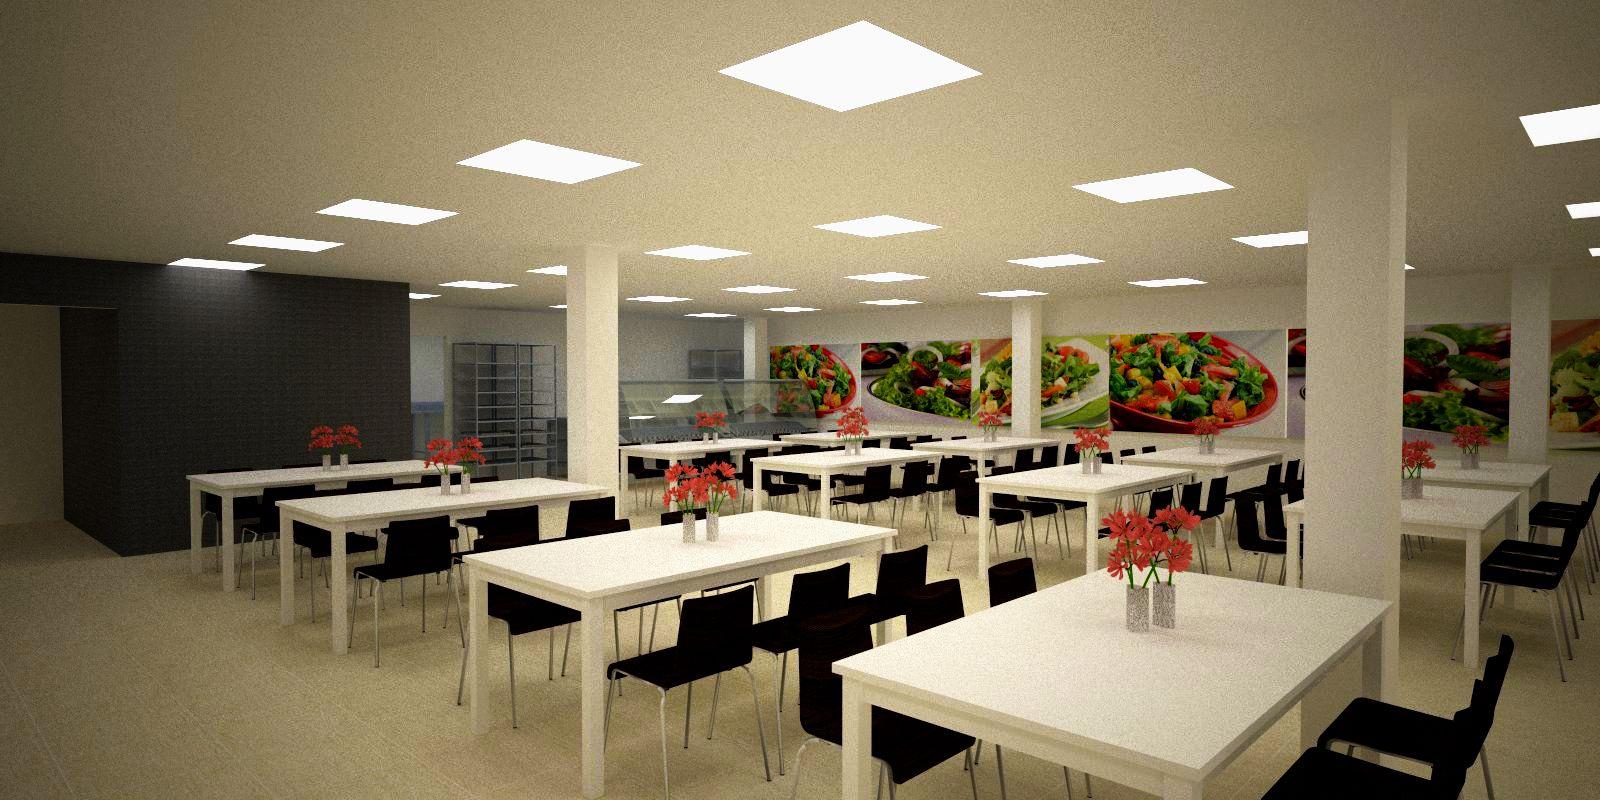 Dise o de comedor industrial para seglo logistics planta for Muebles para comedores industriales